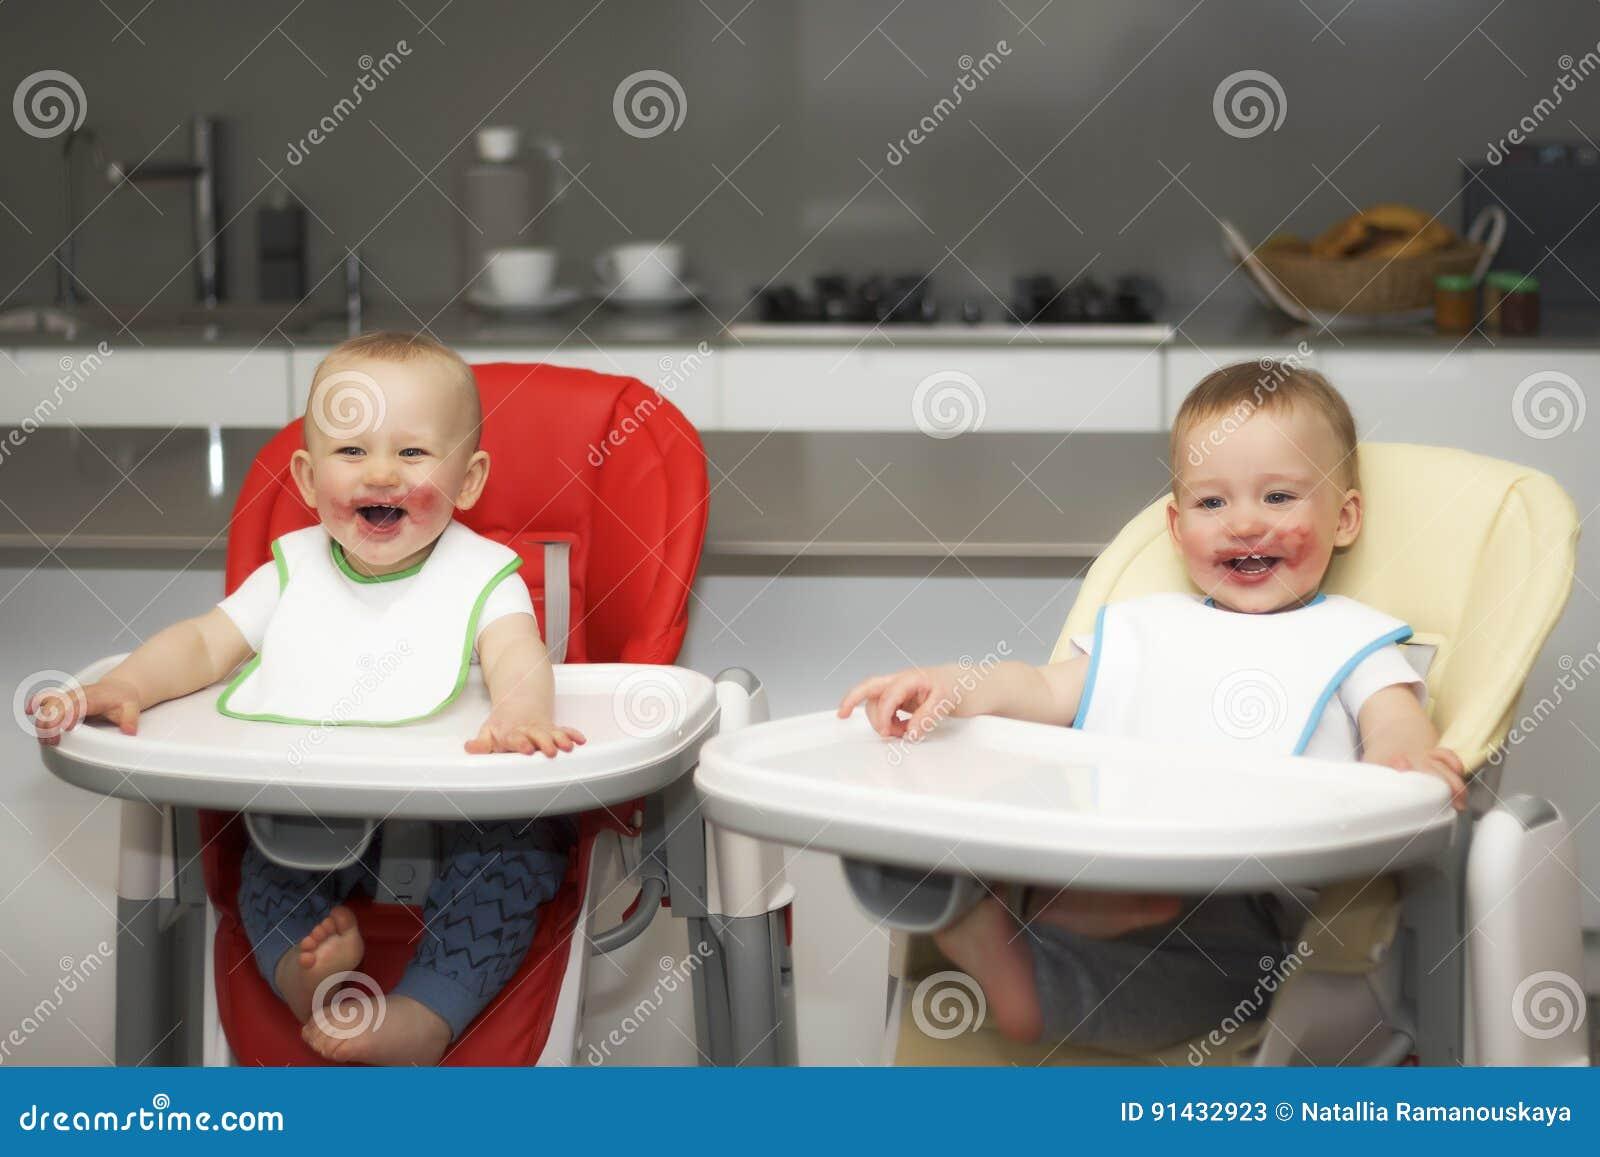 Les enfants mangent des myrtilles dans une haute chaise de bébé Les garçons ont un visage sale